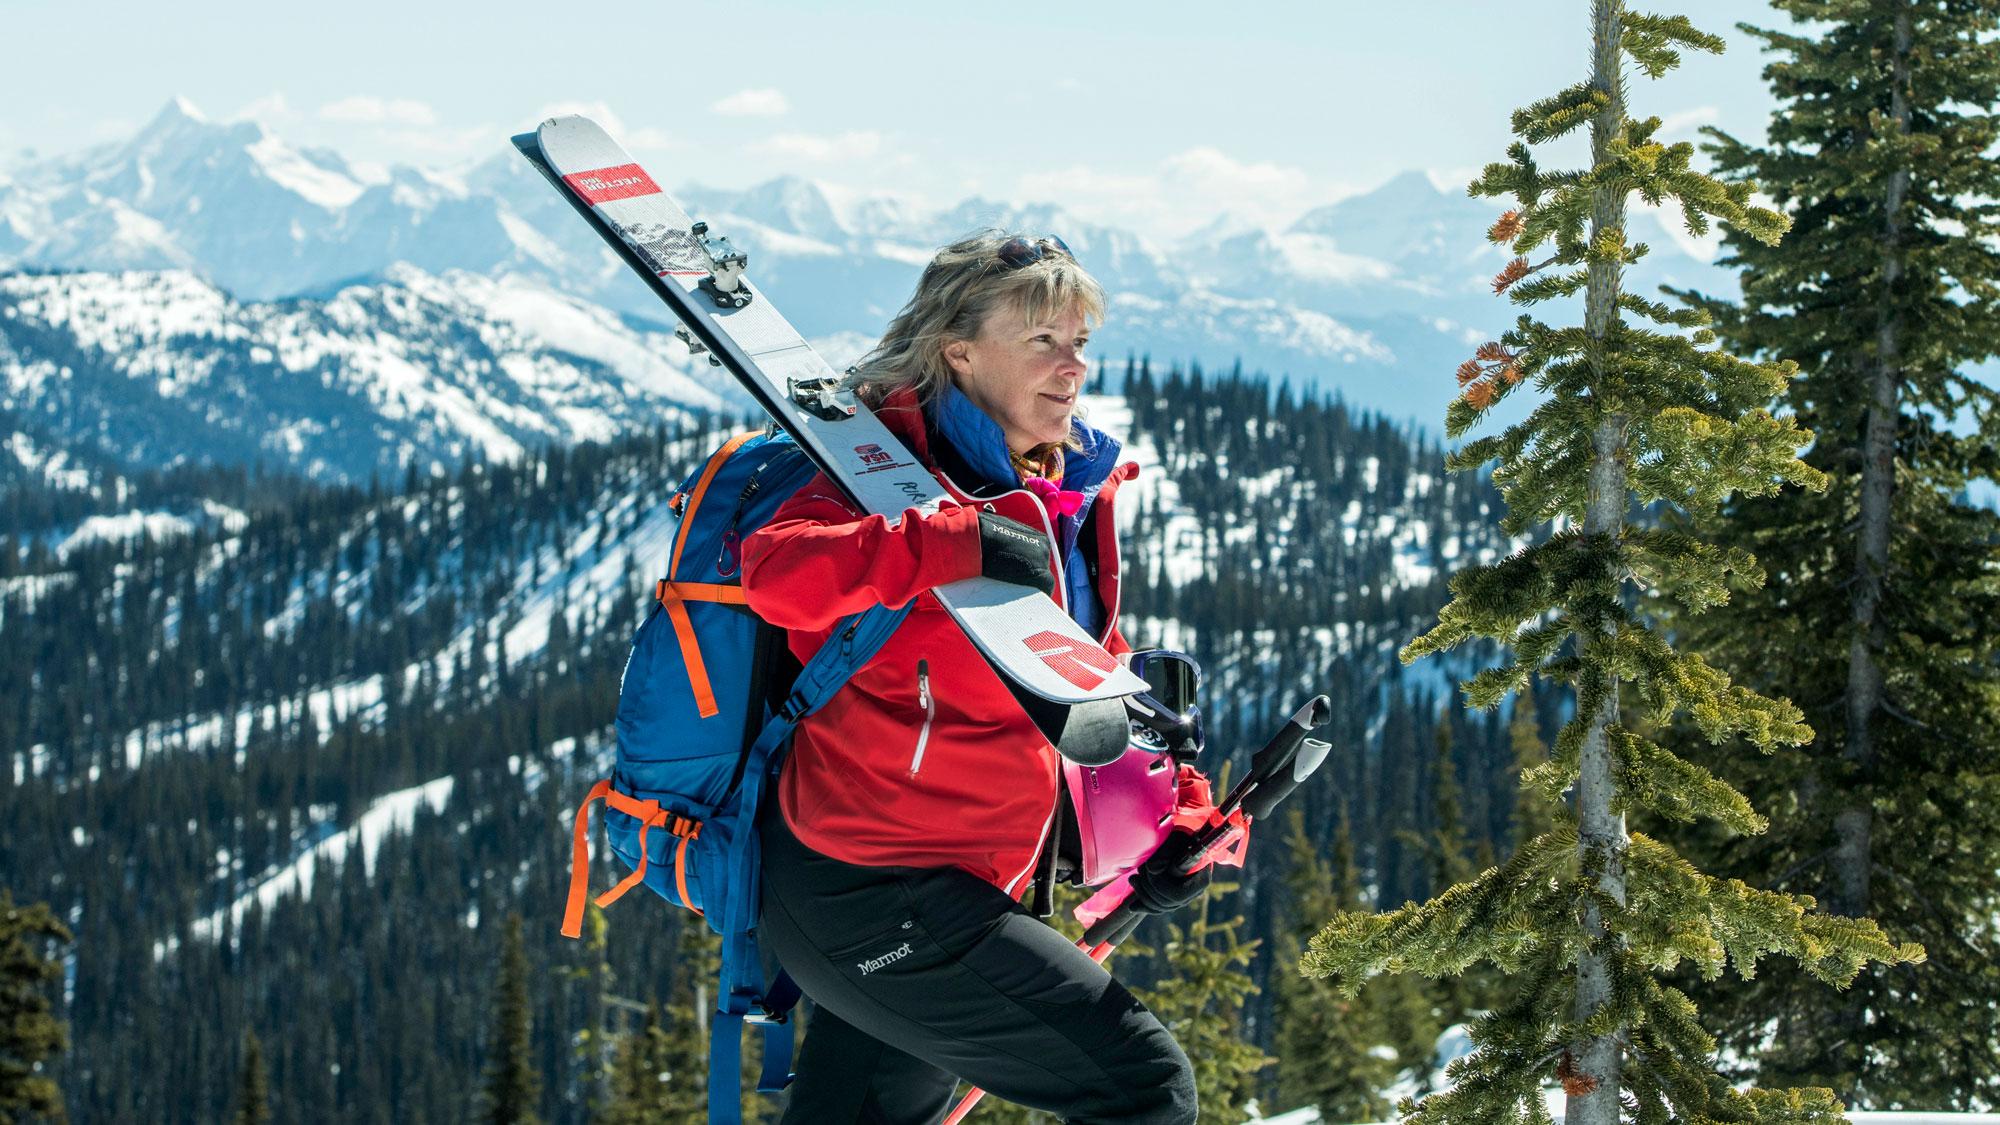 Susan-Purvis-Wilderness-First-Responder-Course-Instructor-Author-Speaker